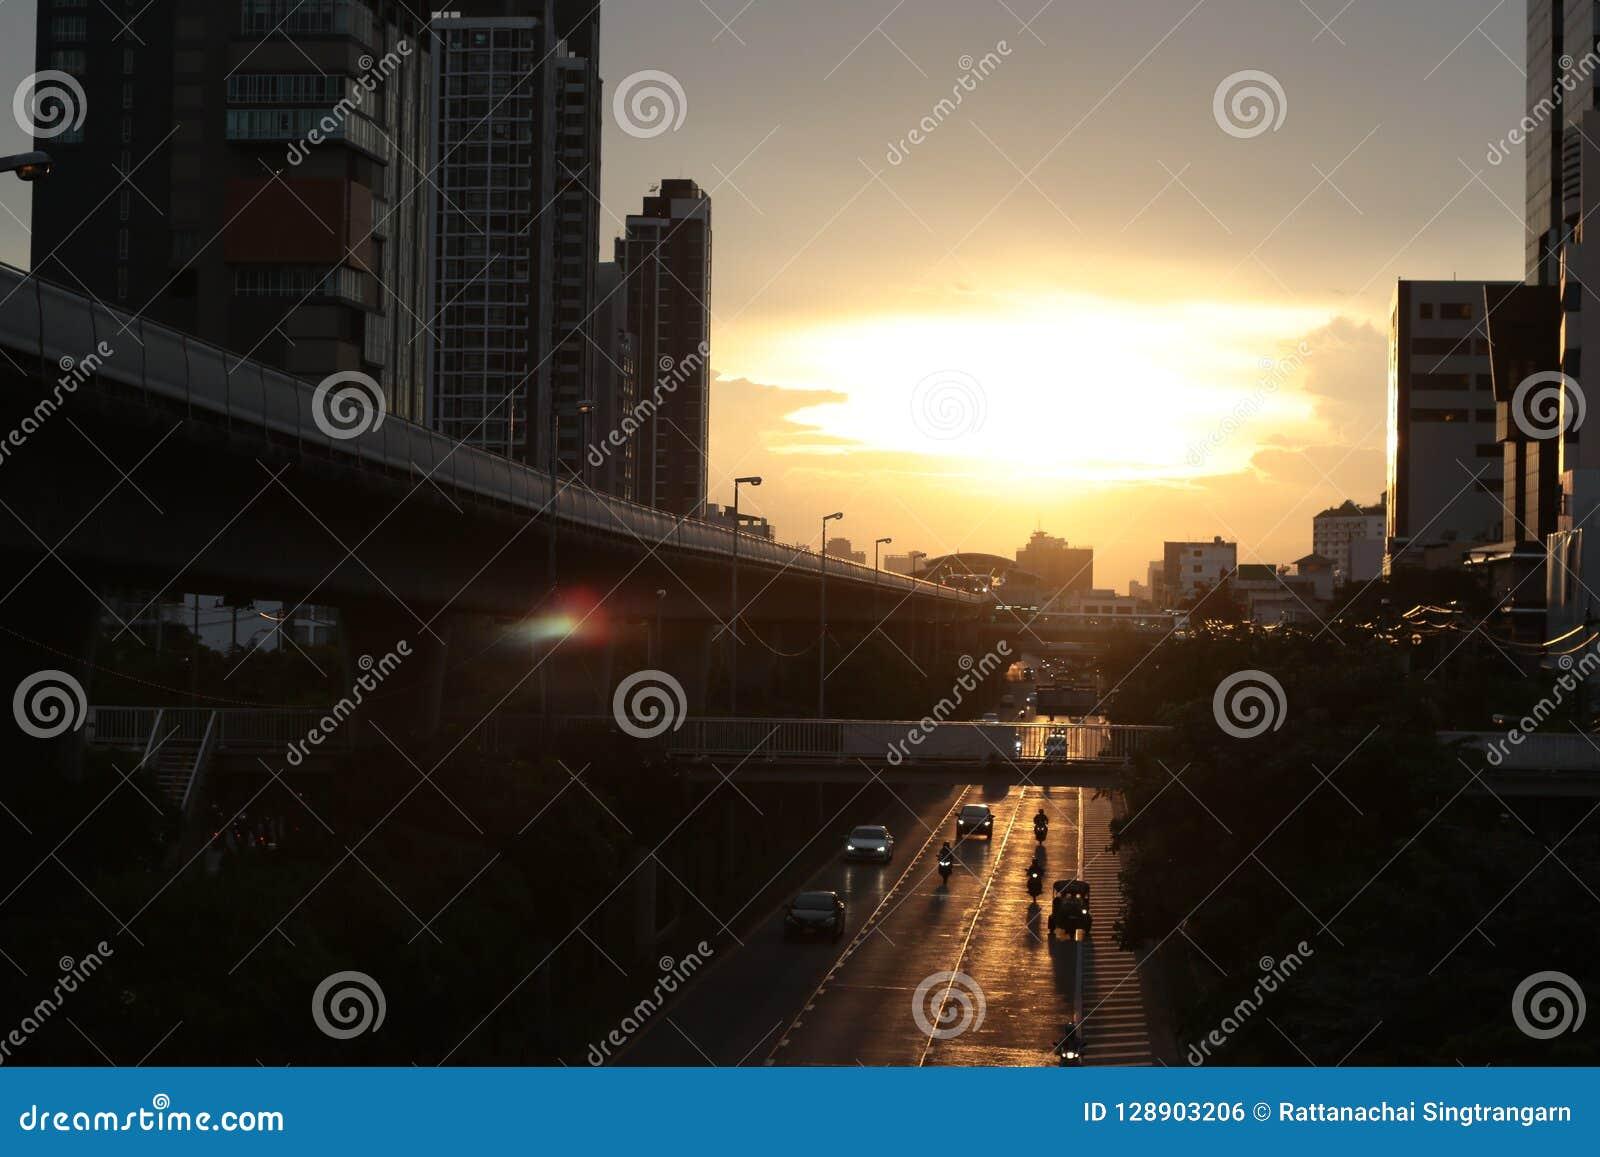 Wieczór wschód słońca koloru złocisty niebo, chmurny i ludzie iść do domu odgórny widok na niebo dworcu